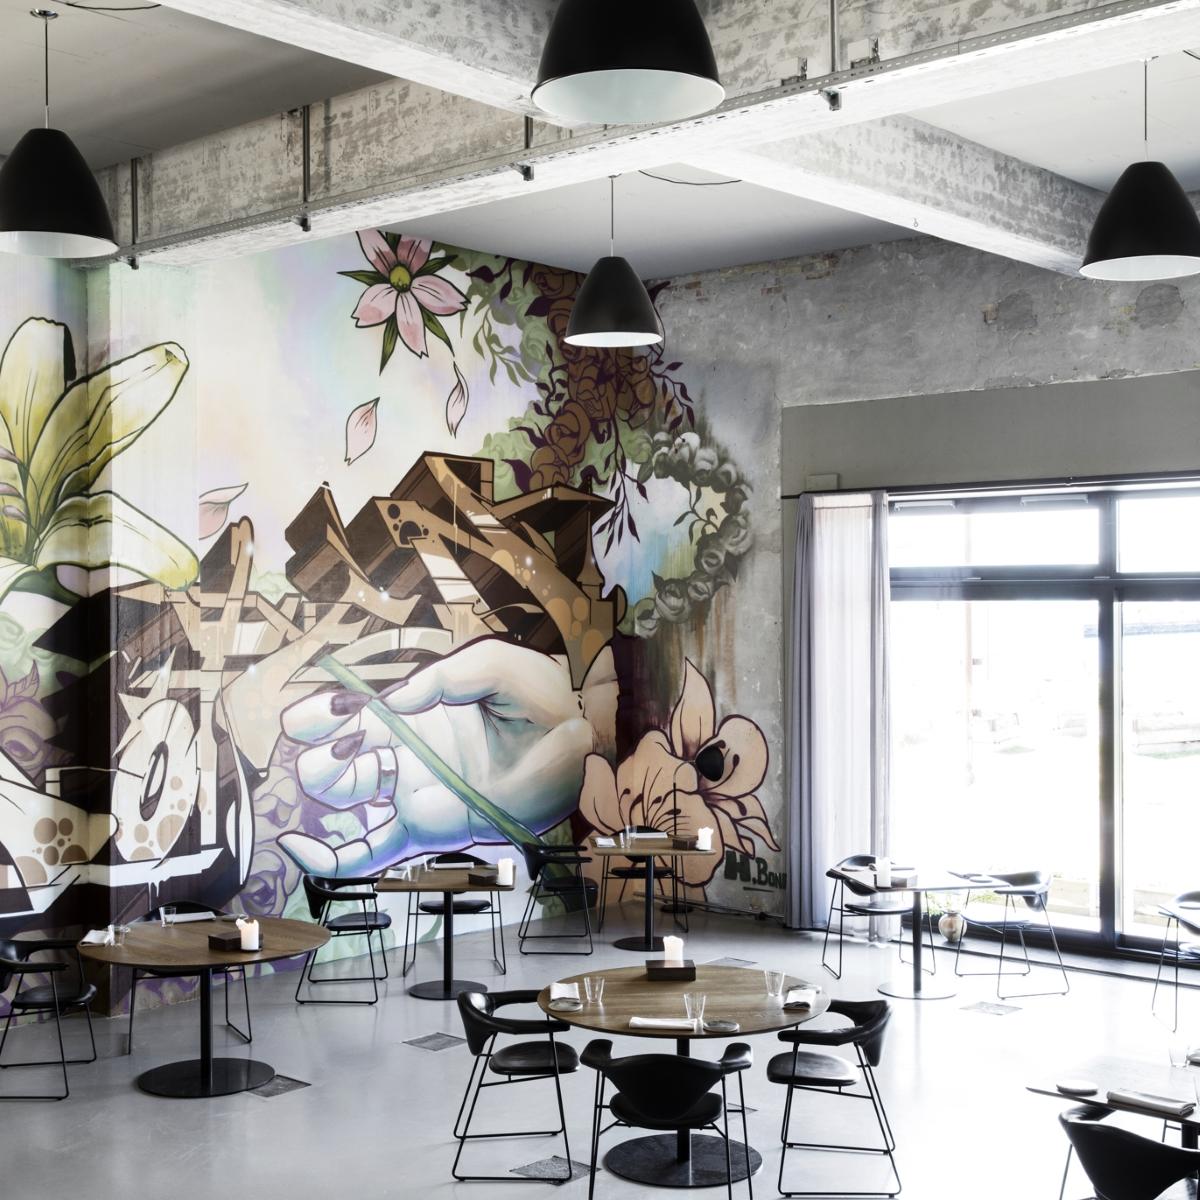 Amass_Restaurant Kopenhagen_Interieur 3